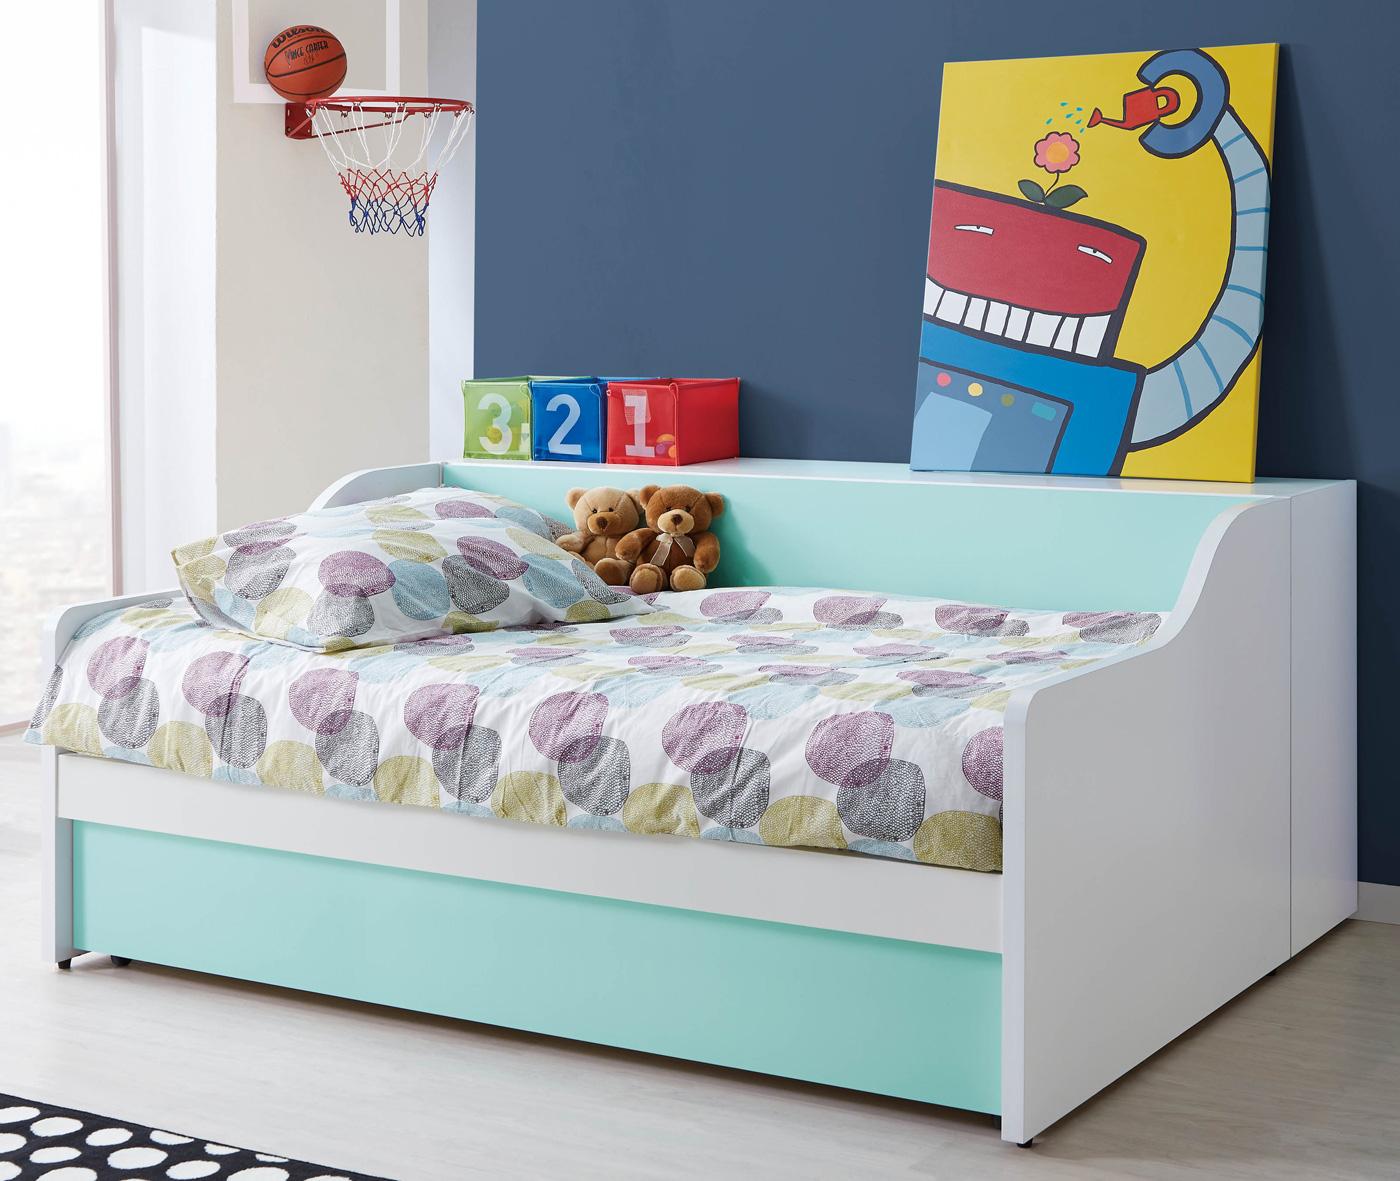 床架床檯單人床天天晴朗3.5尺單人床側櫃下座單人子床17CS3 469-1 469-2 470-3 H&D東稻家居